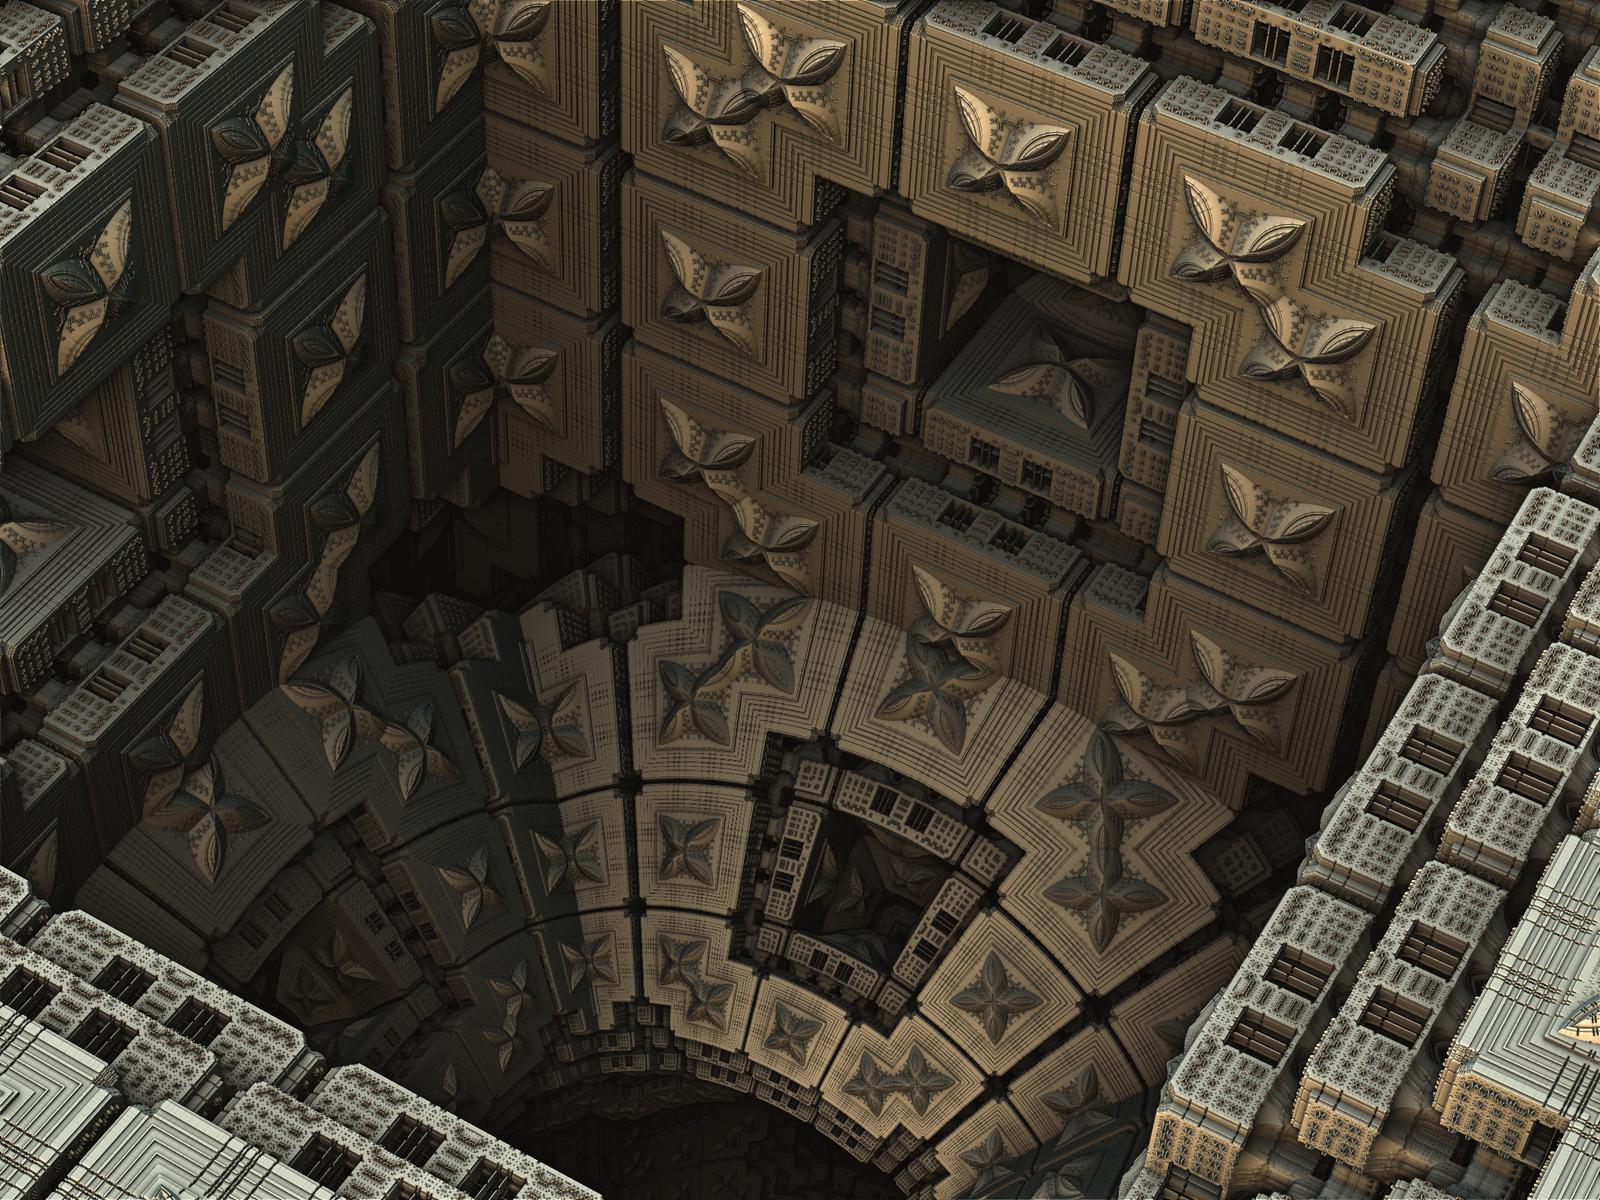 Inside my fortress by Jakeukalane